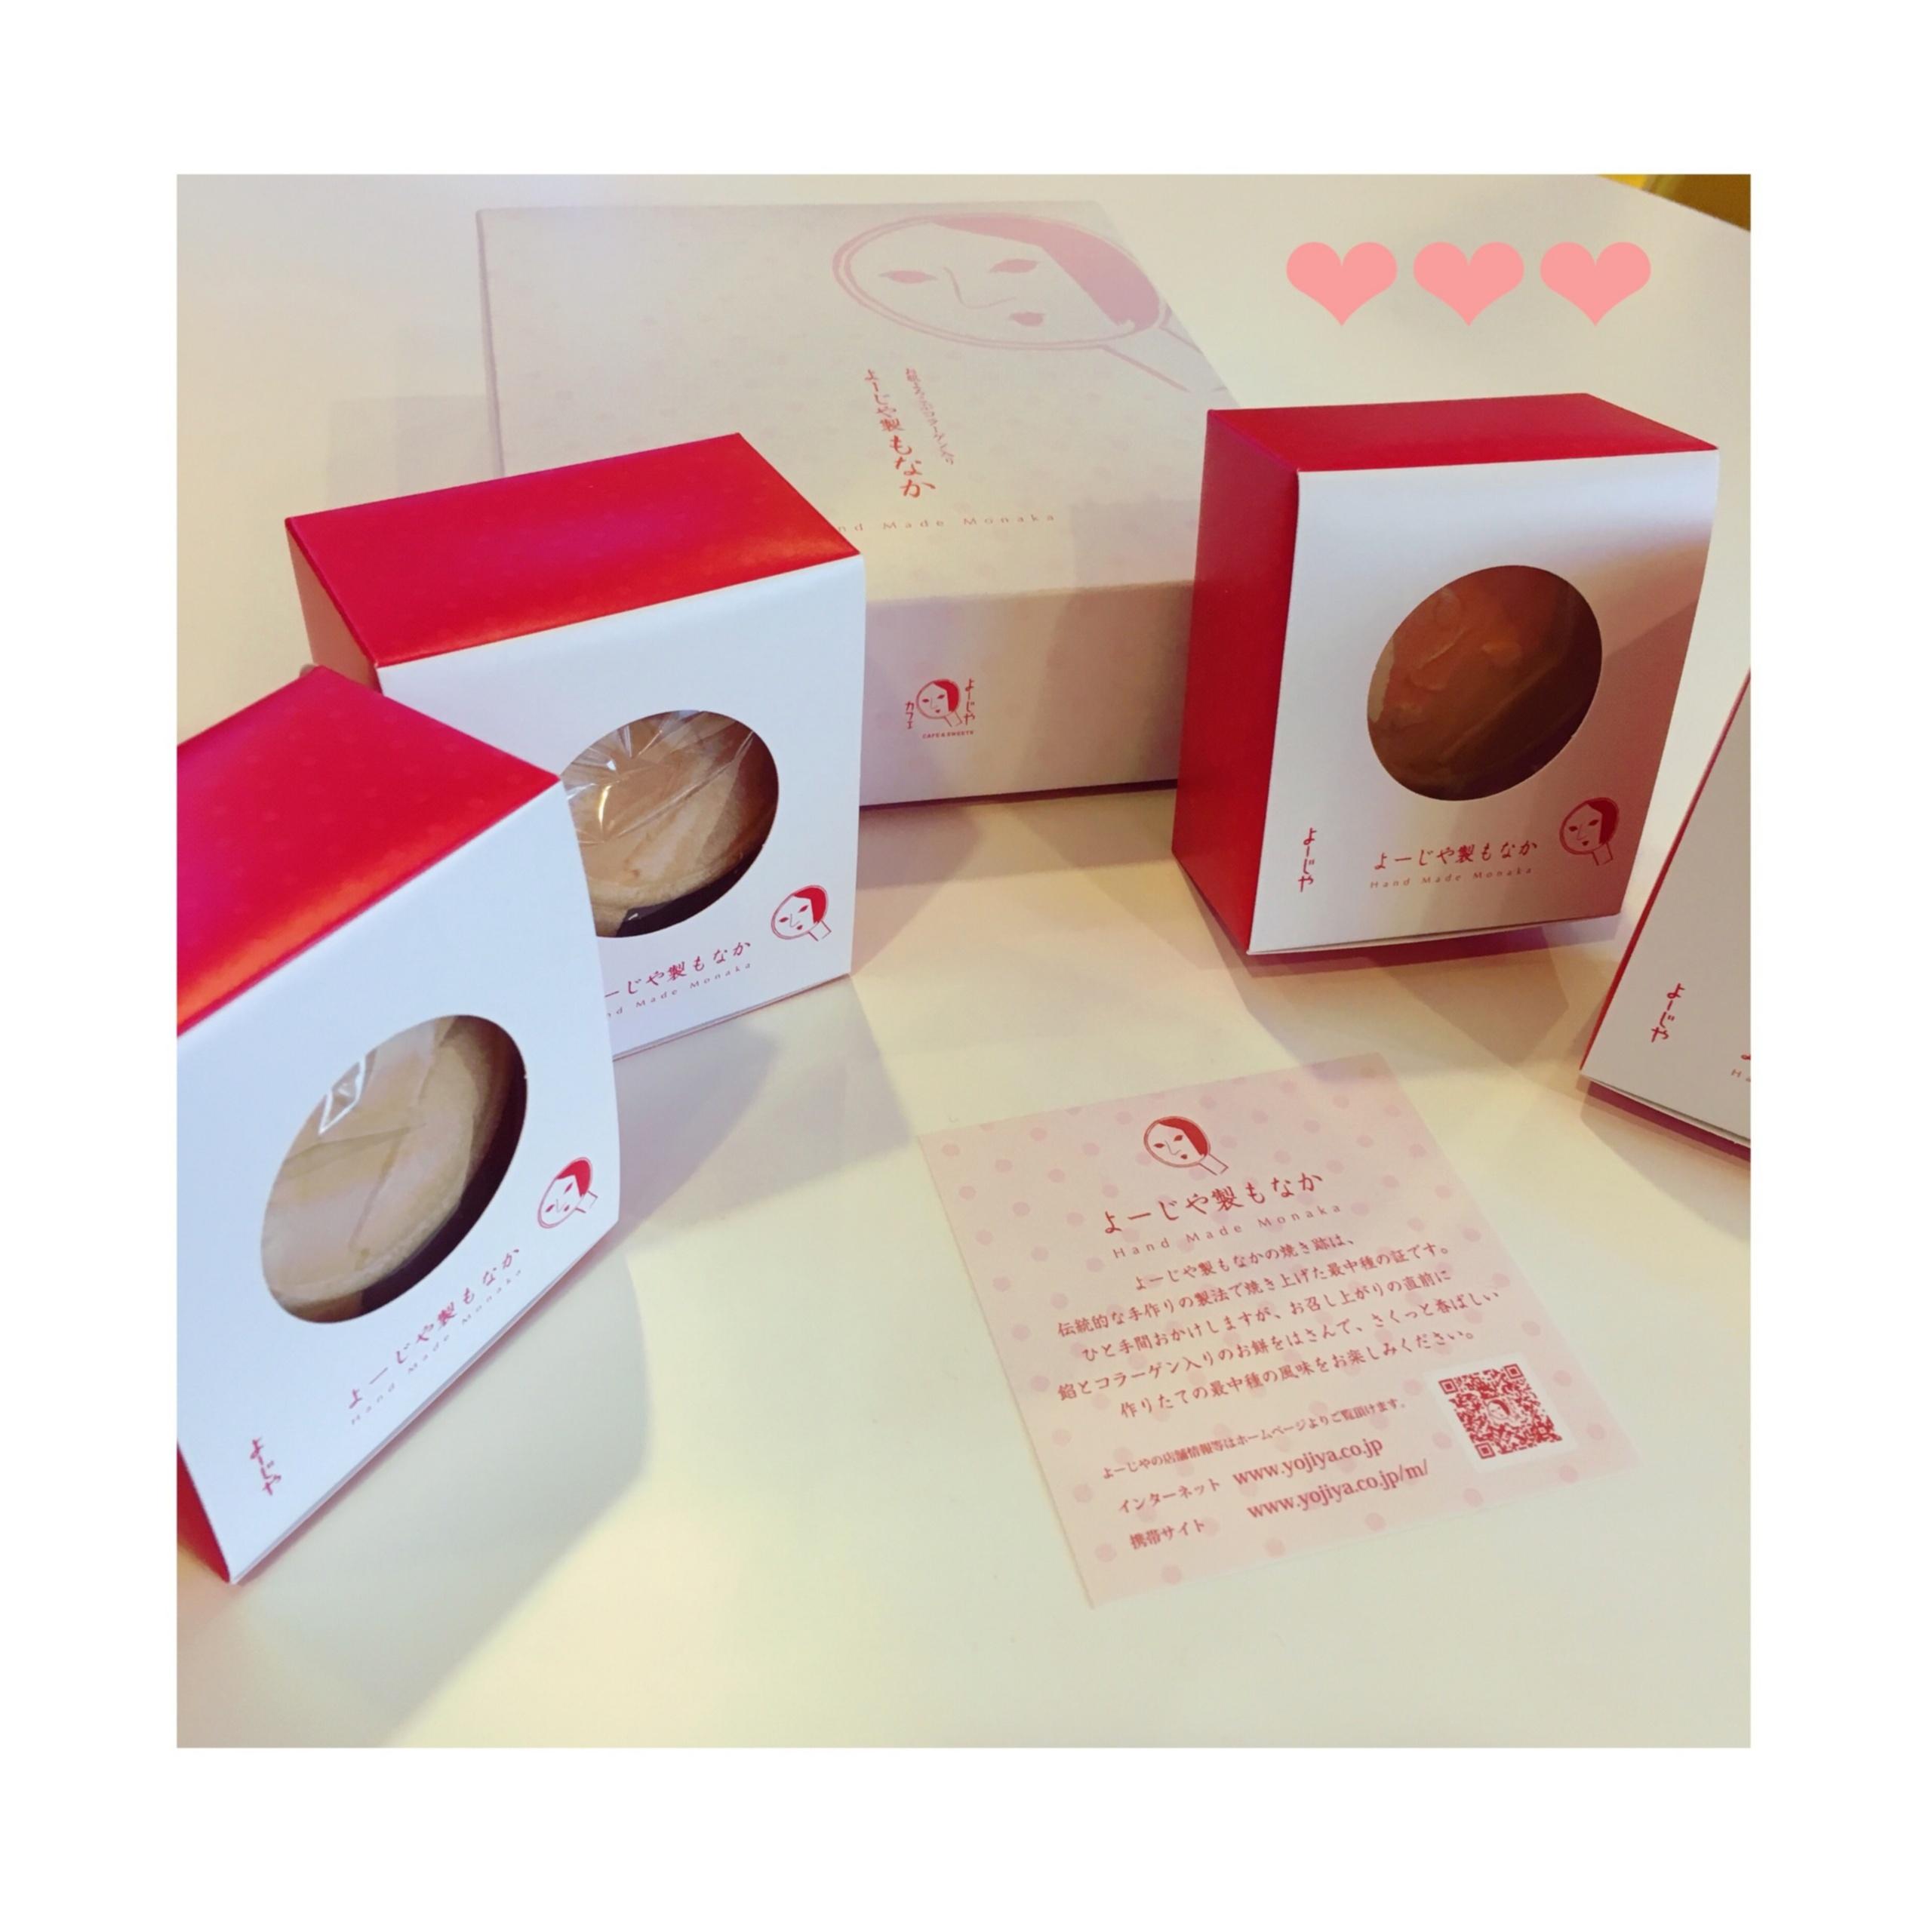 京都土産は『よーじや』のあぶらとり紙だけじゃない?! コラーゲン入り【よーじや製もなか】がモア世代の間で話題♥ 今週の「ご当地モア」ランキングトップ5!_1_1